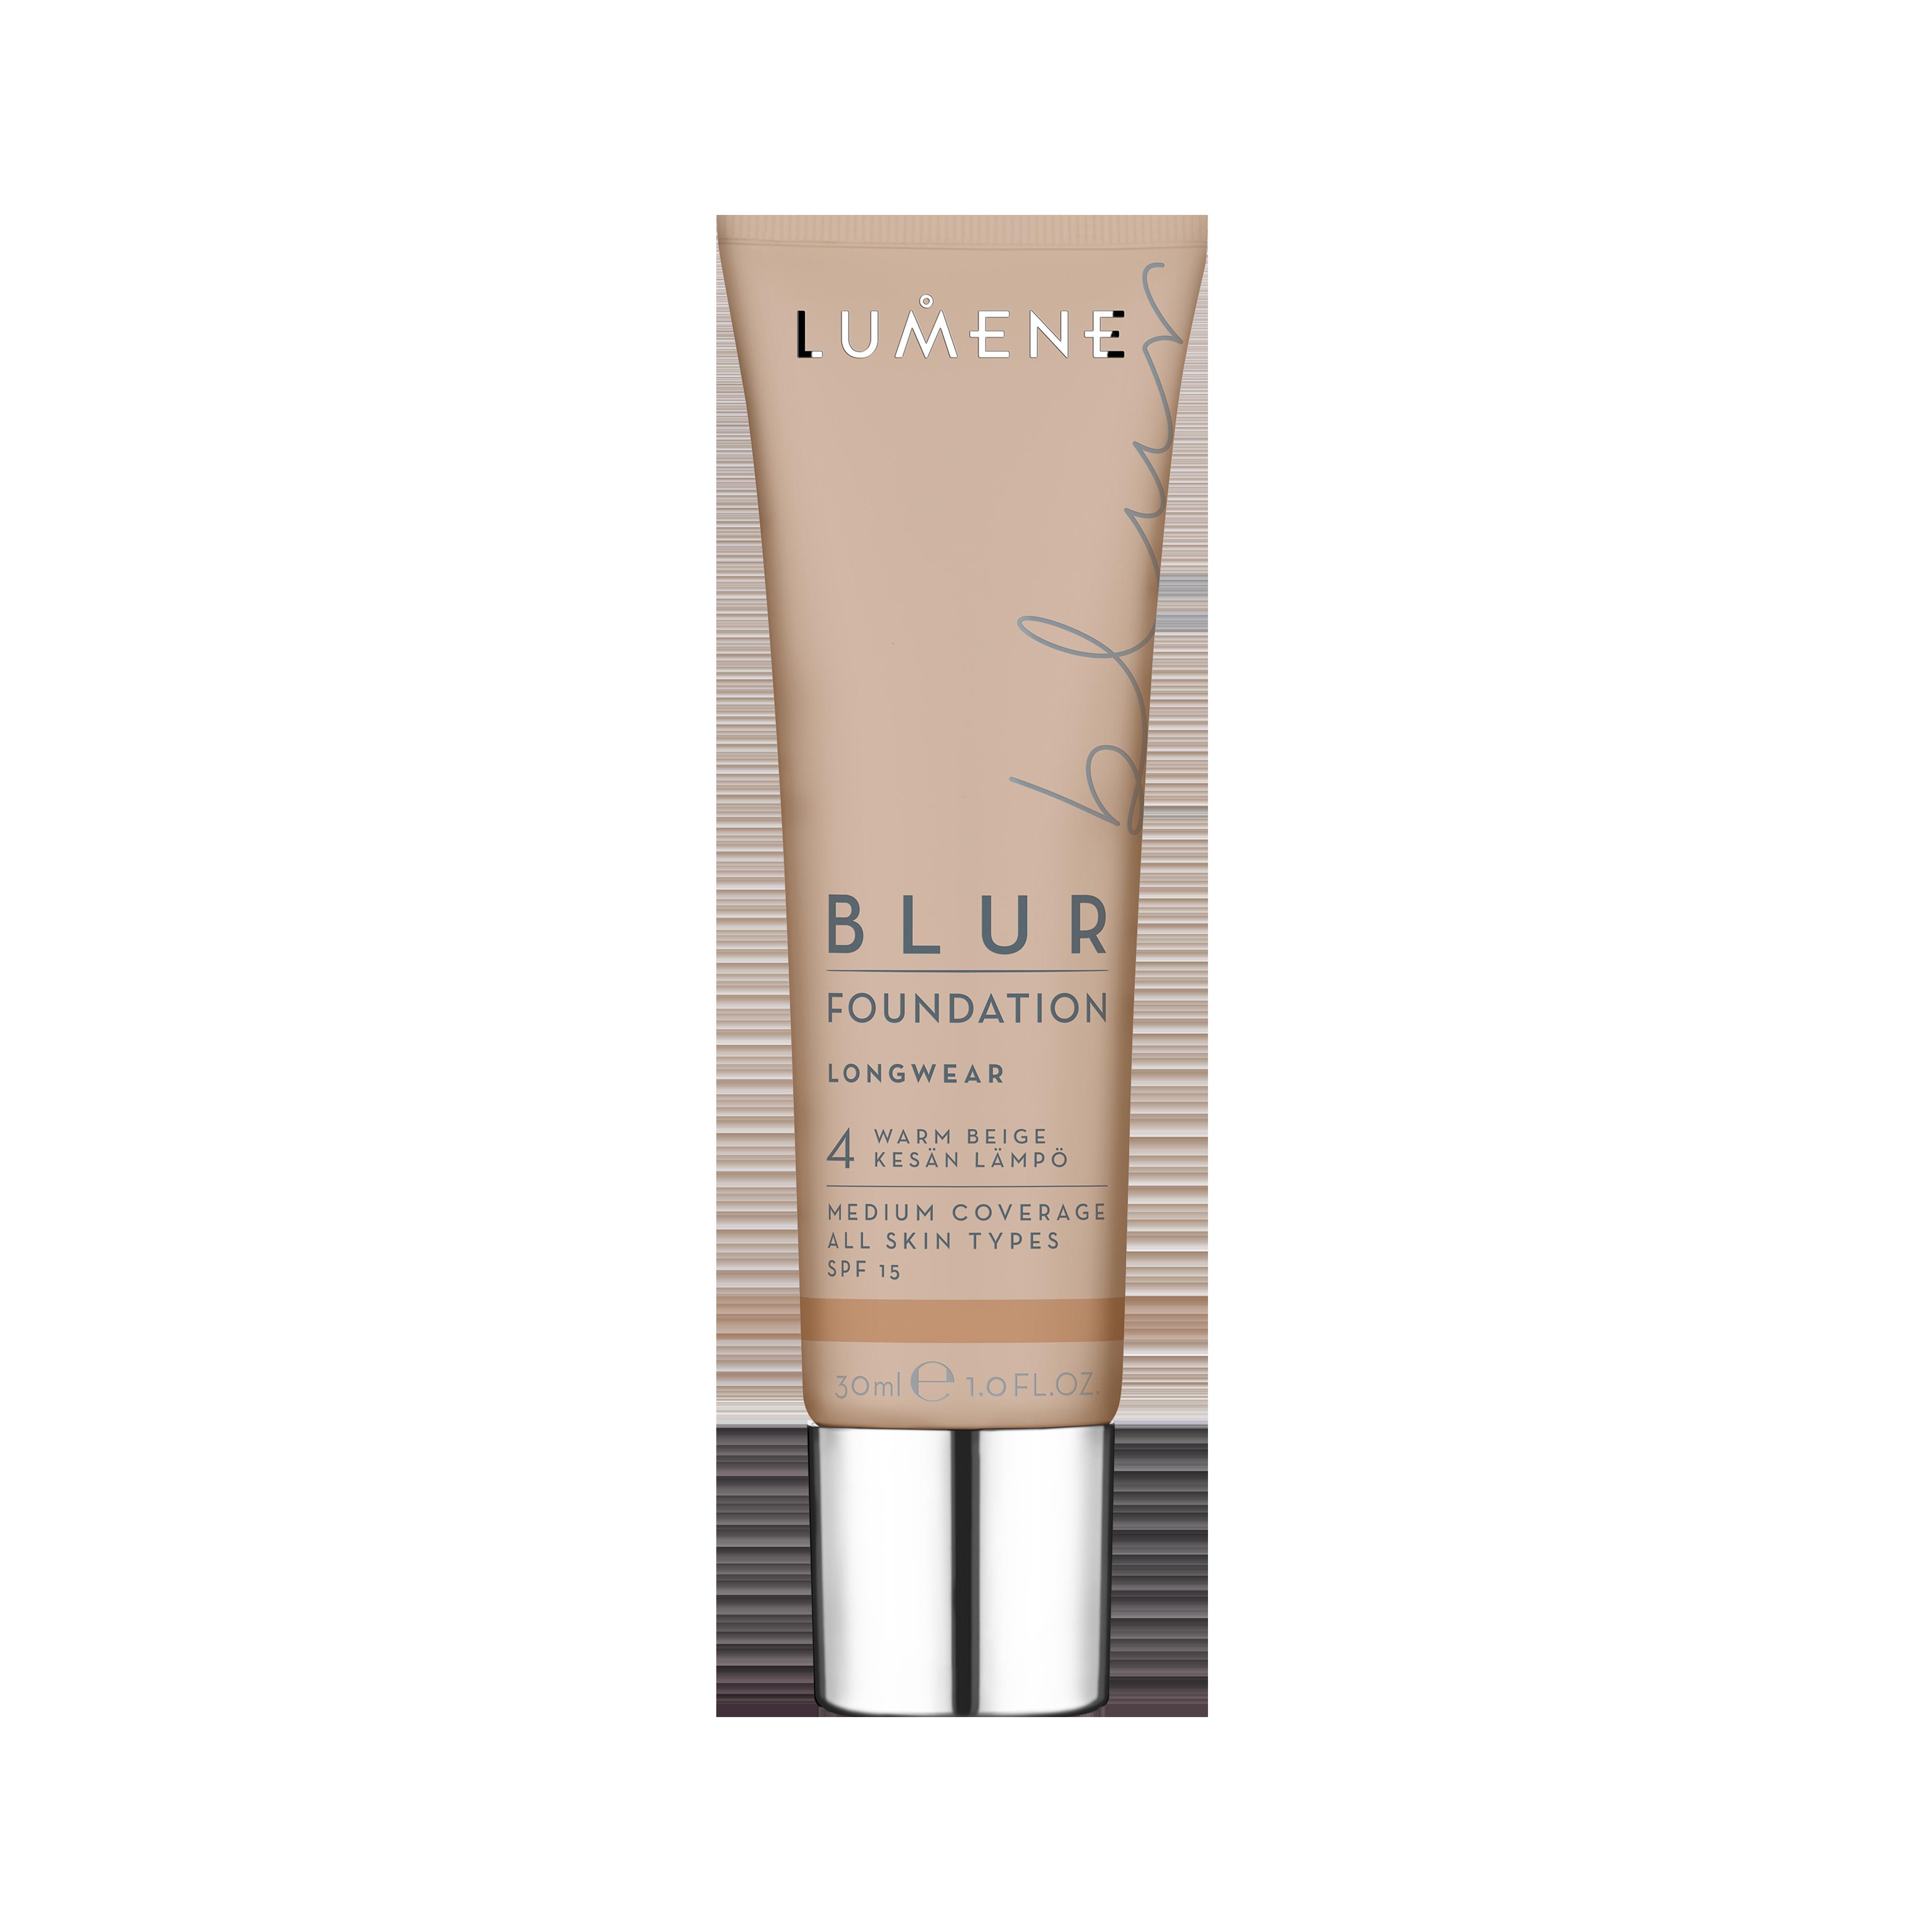 Blur Foundation 4 Warm Beige